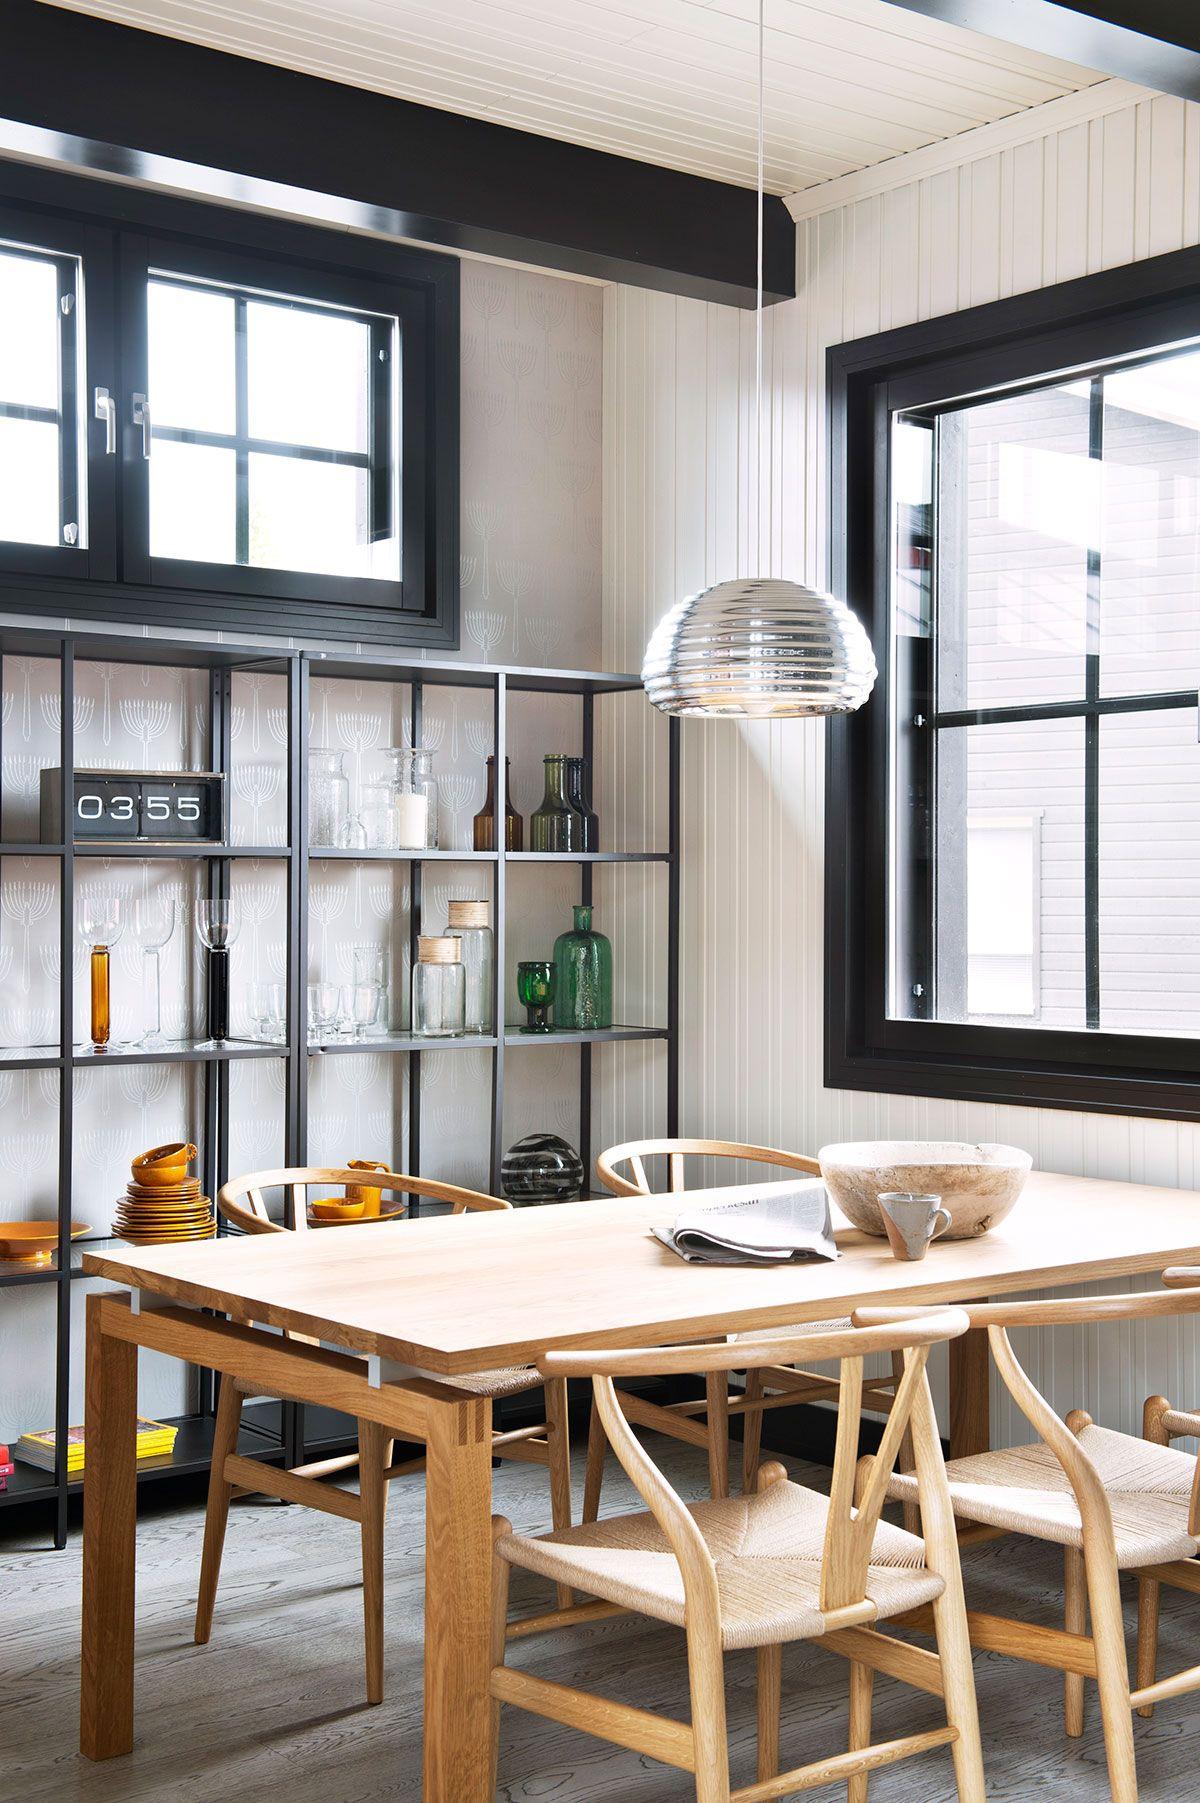 Musta hyllykkö toistaa mustapuitteisten Tiivin Kristalli-ikkunoiden ruudukkoa. Carl Hansenin SH700-pöytä ja CH24-tuolit ovat Nomartista. Pöydän yläpuolella on Flosin Splügen Bräu -riippuvalaisin.